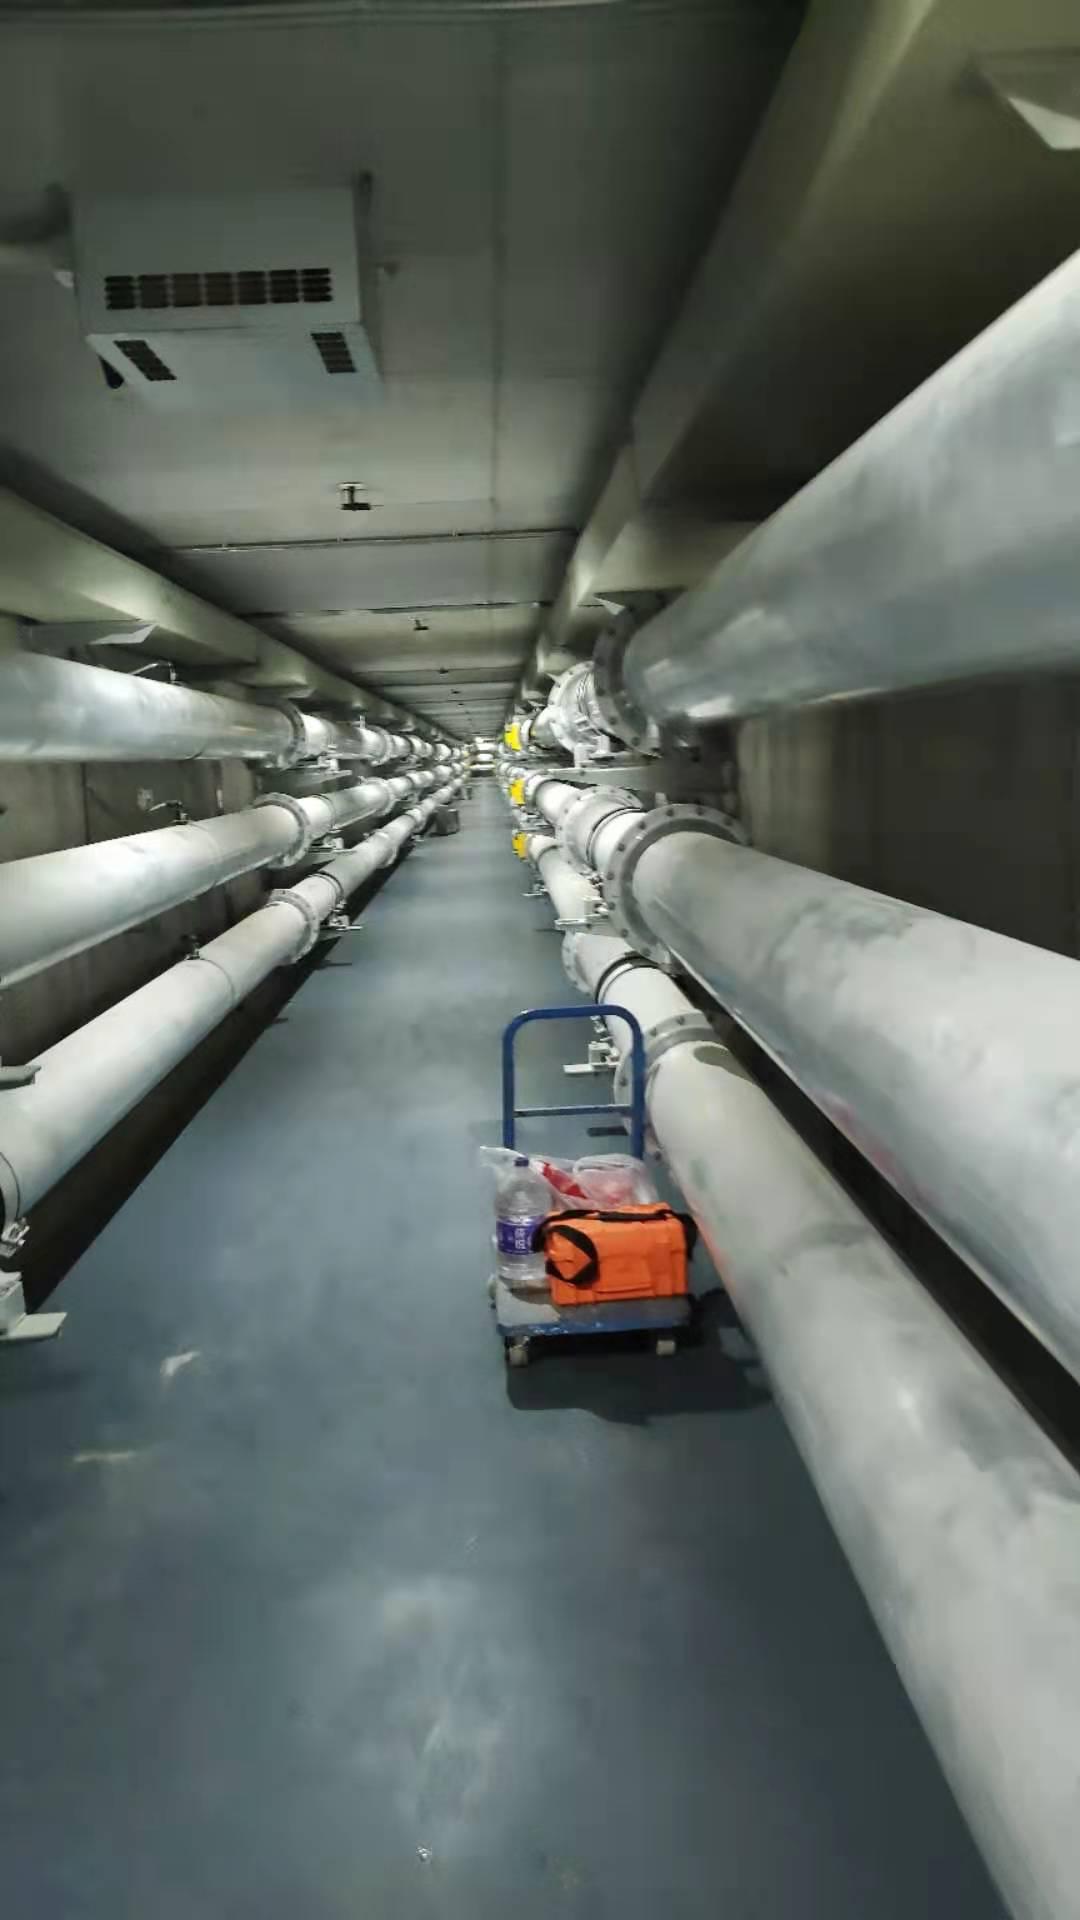 热力管道泄漏在线监测解决方案